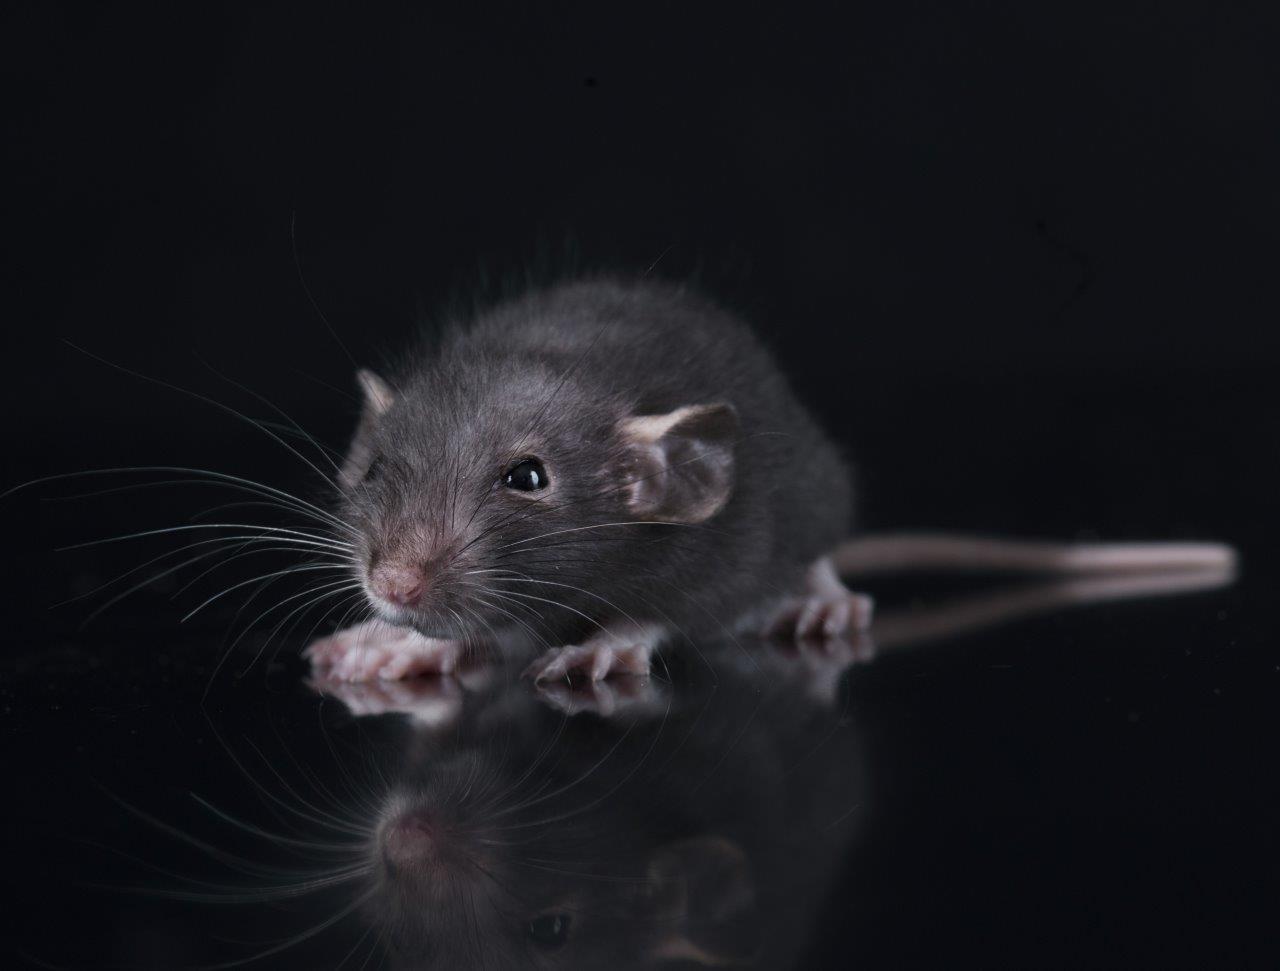 Det varmere klima har givet rotterne gode yngle- og overlevelsesforhold i Køge, og antallet af rotter er fordoblet de seneste ti år.